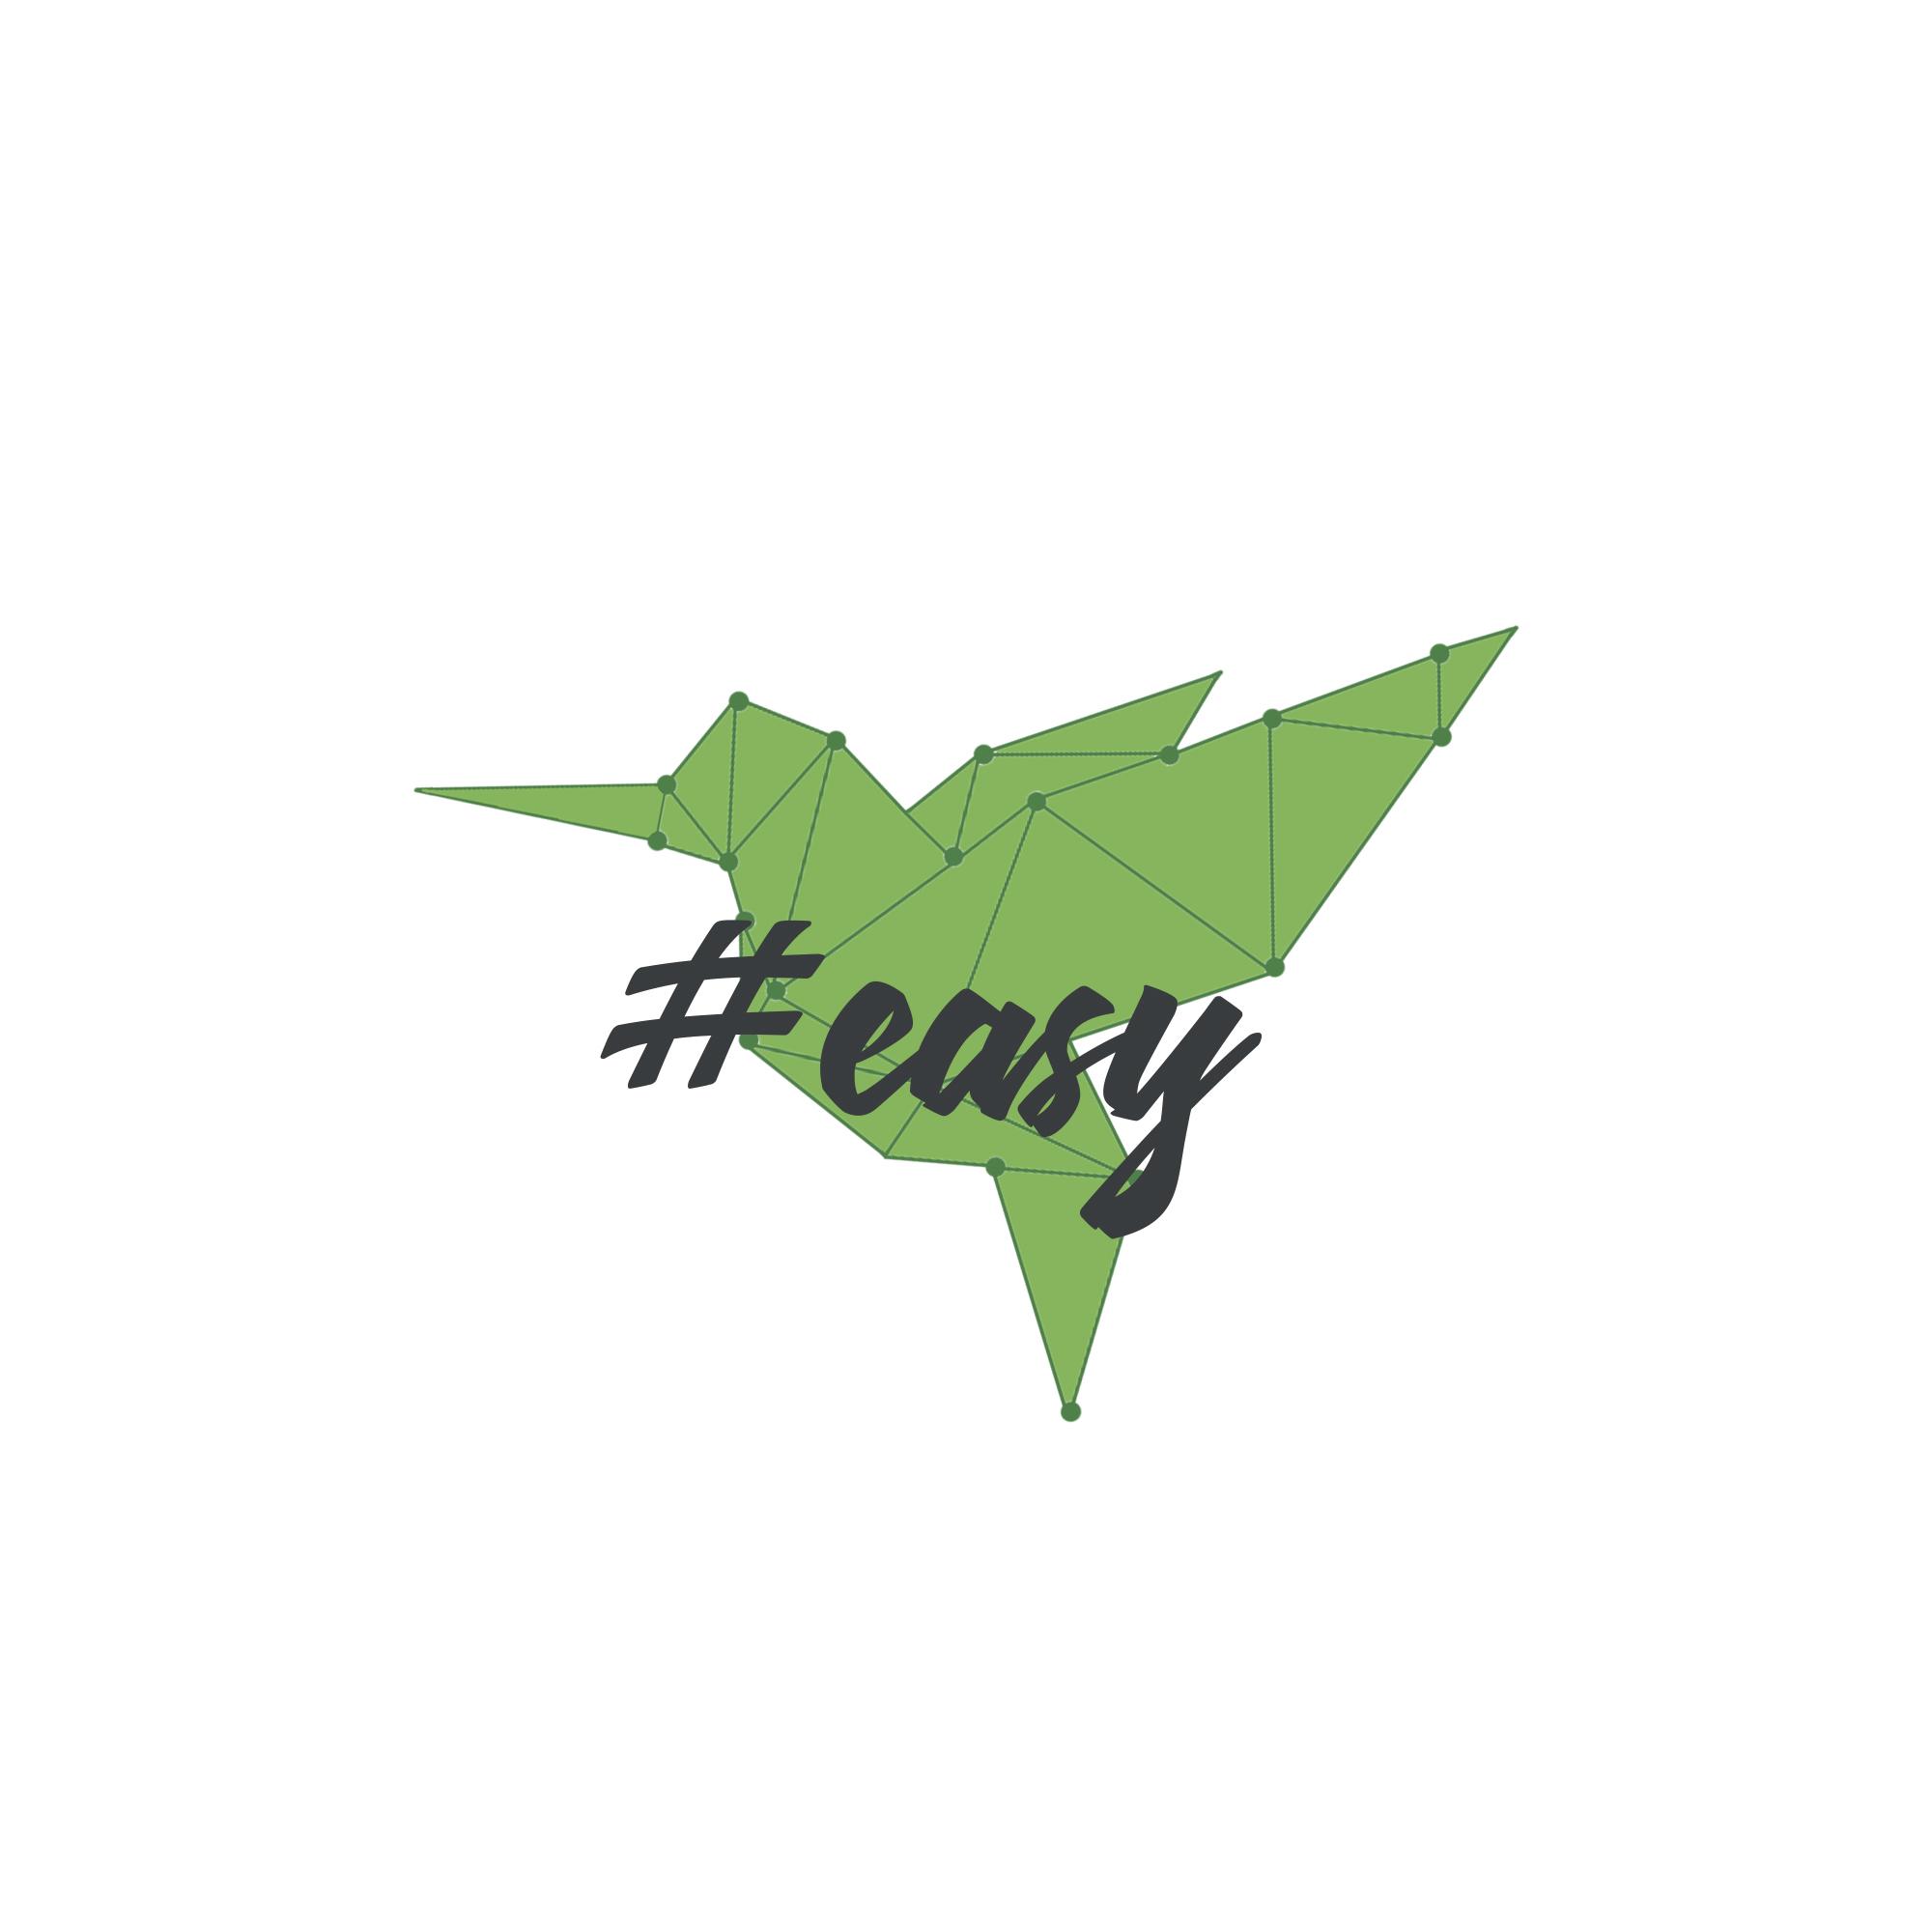 Разработка логотипа в виде хэштега #easy с зеленой колибри  фото f_8995d4f1cc53545d.jpg